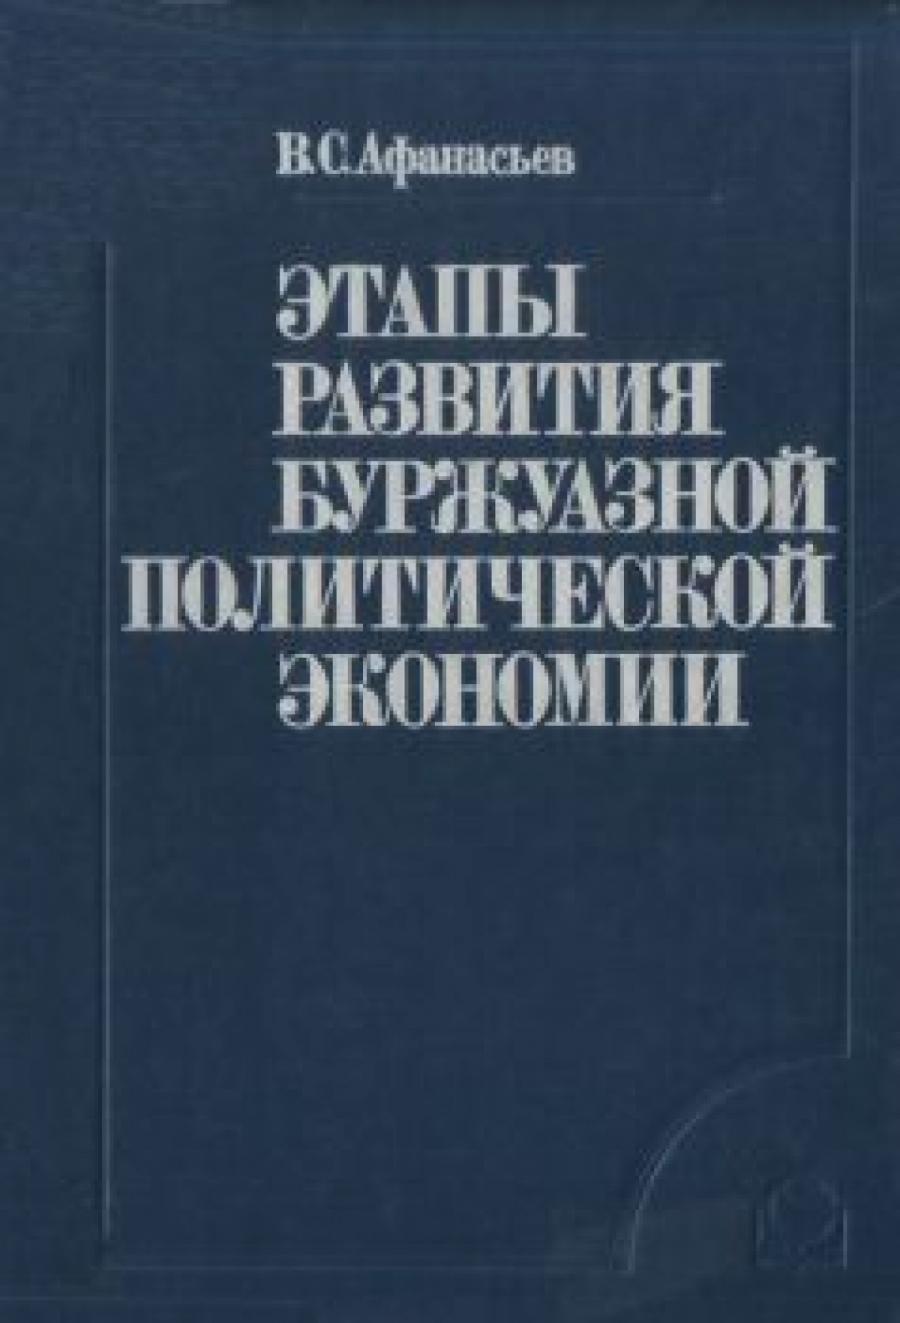 Обложка книги:  афанасьев в. с. - этапы развития буржуазной политической экономии